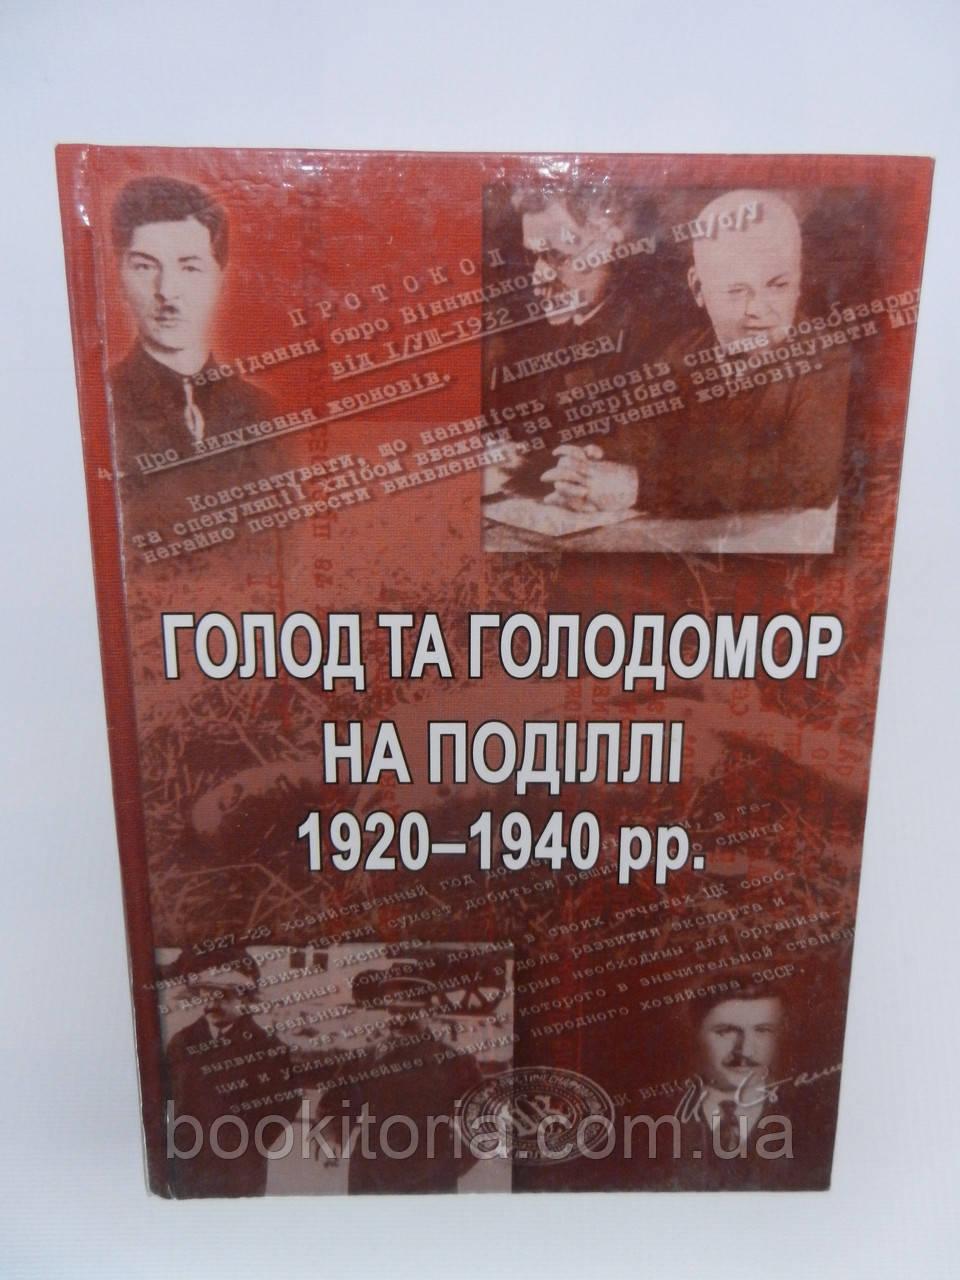 Голод та голодомор на Поділлі 1920 – 1940 рр. Збірник документів та матеріалів (б/у).